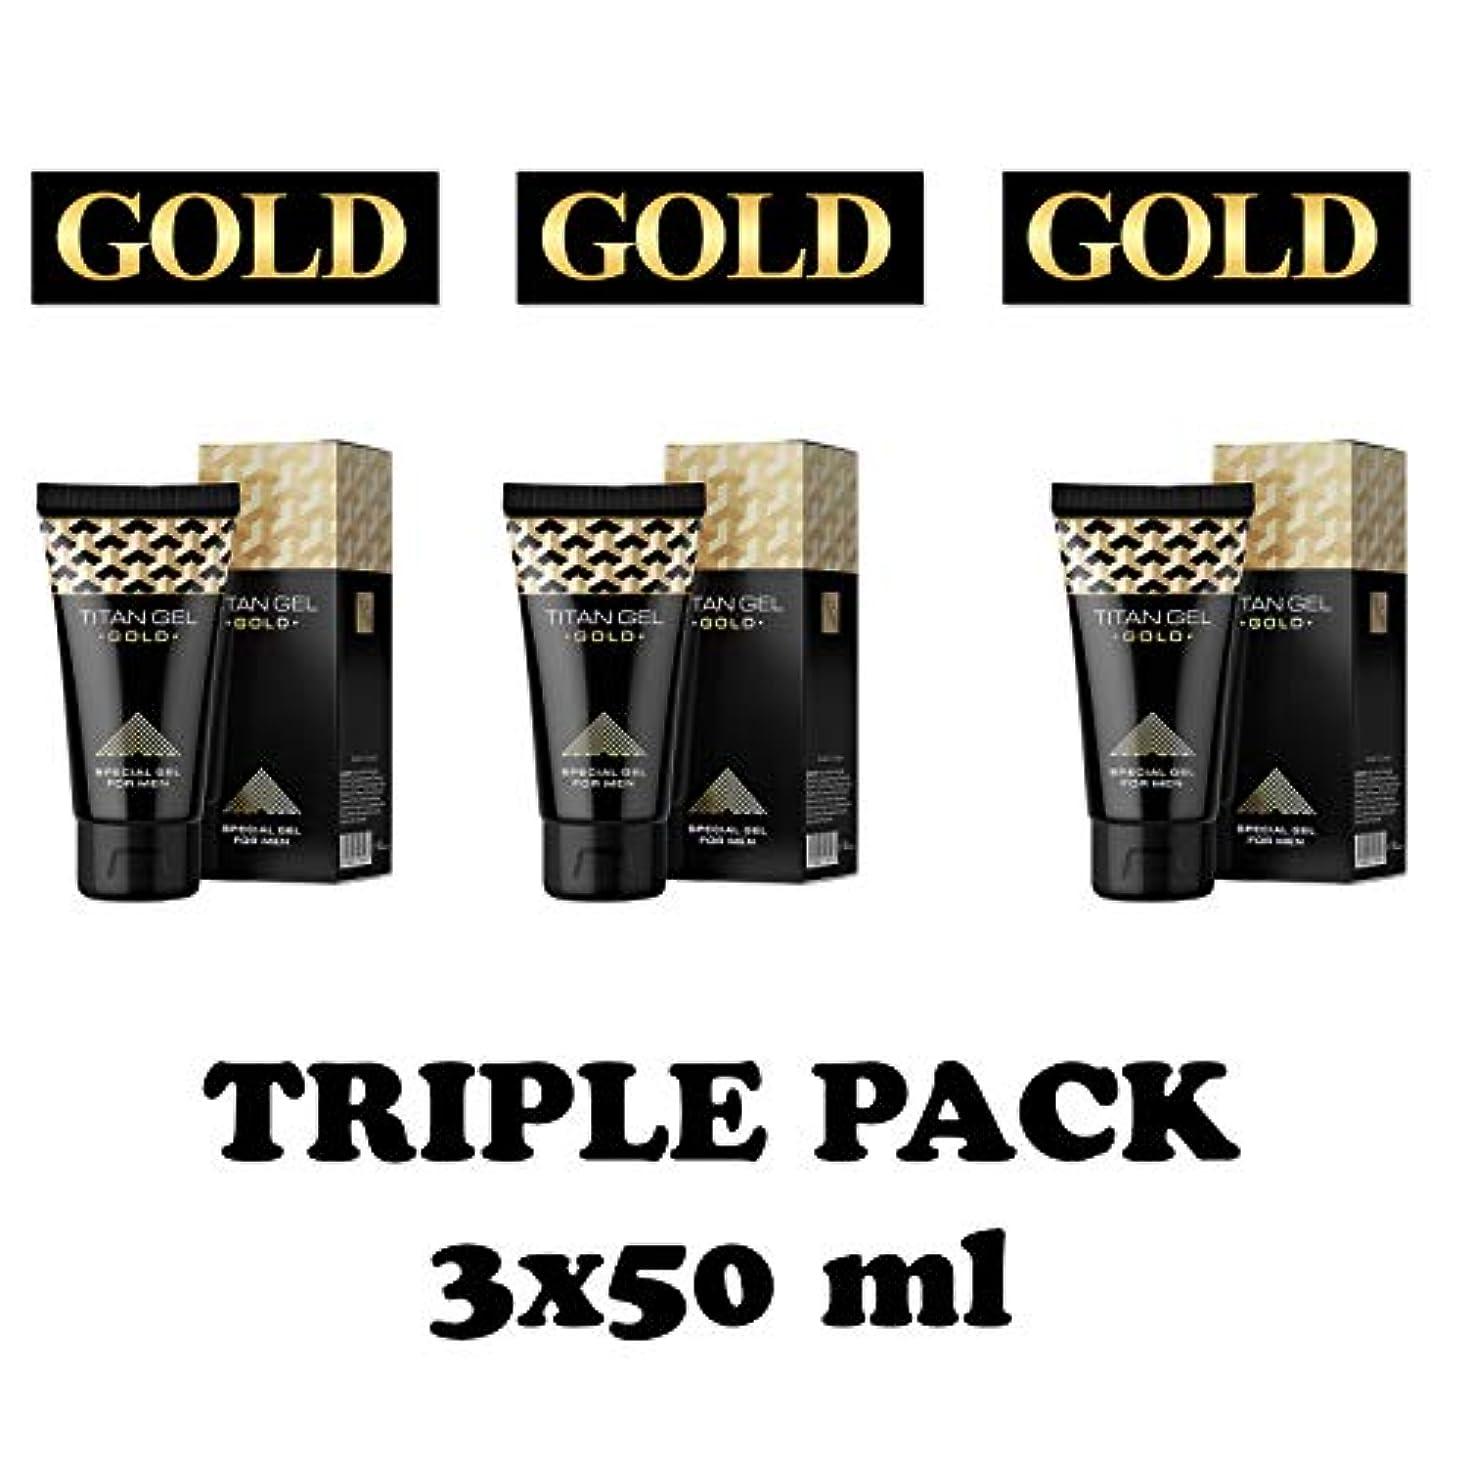 寛大さゴミ違反するタイタンジェル ゴールド Titan gel Gold 50ml 3箱セット 日本語説明付き [並行輸入品]